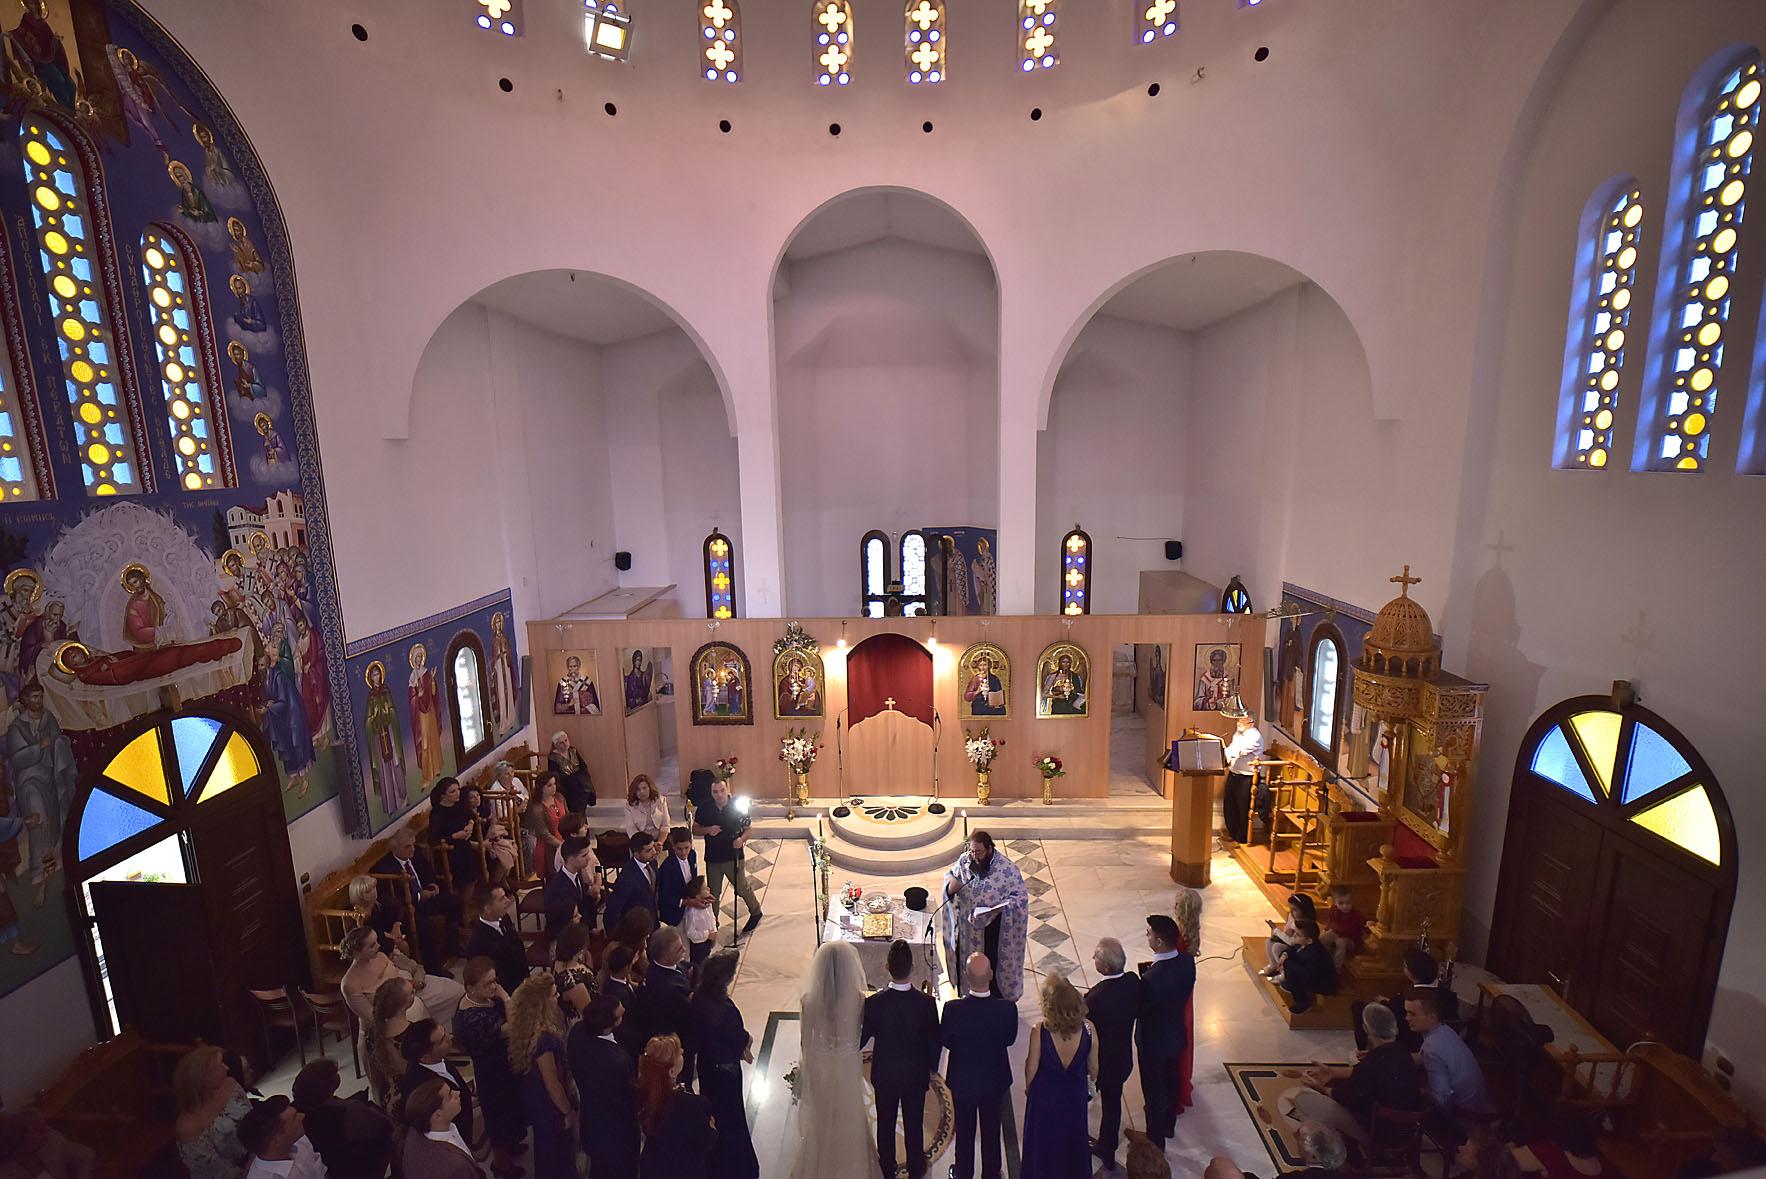 fine-art-photography-wedding-larissa-thessalia-koumaditis-08